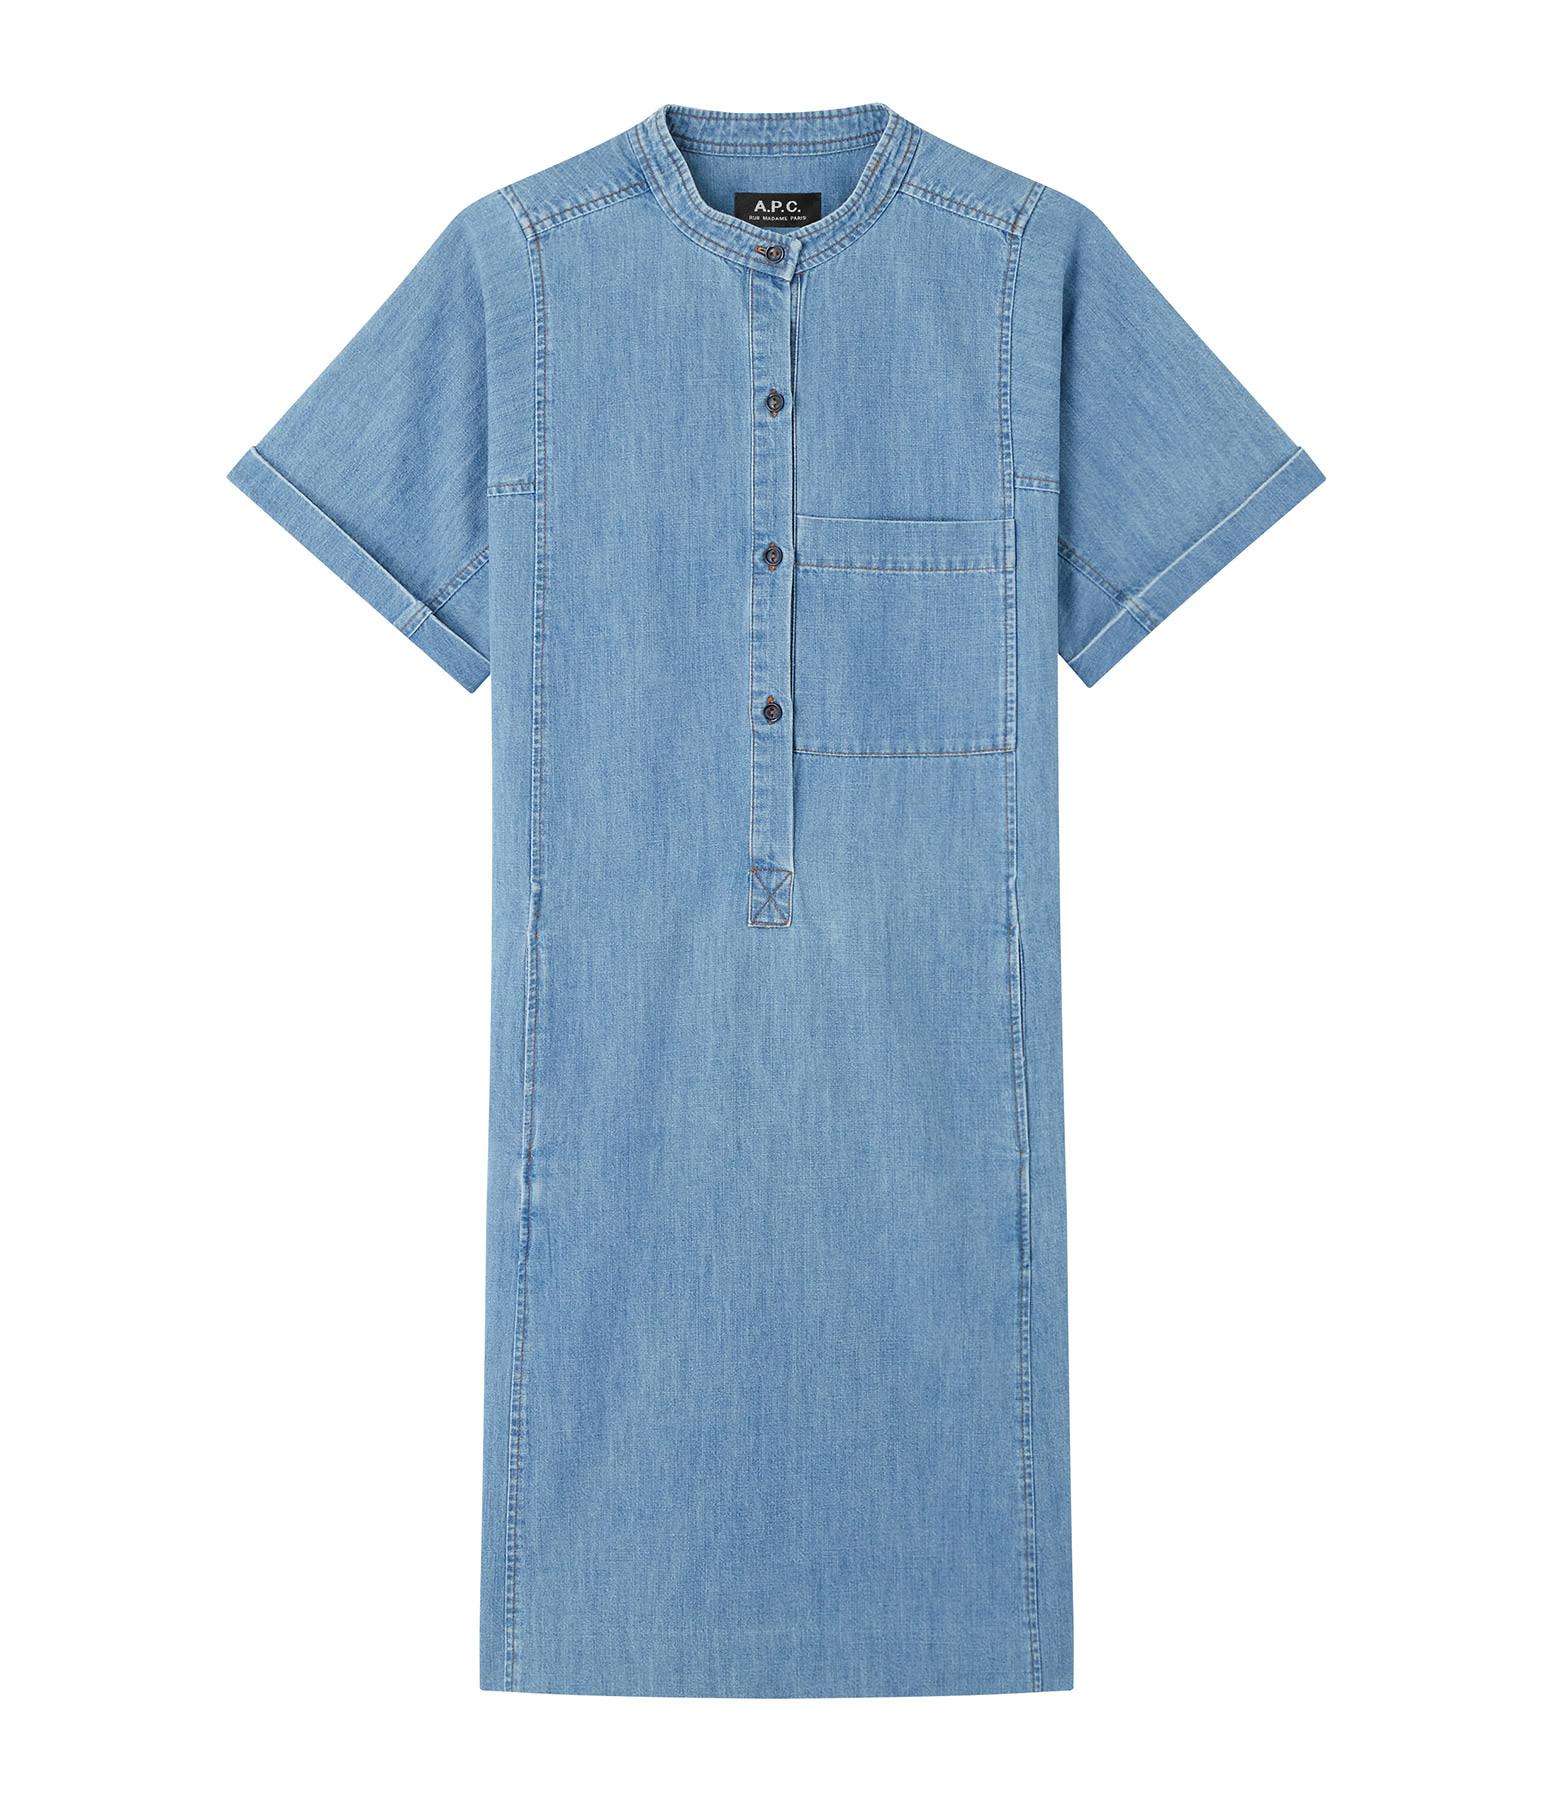 A.P.C. - Robe Temple Denim Bleu Clair